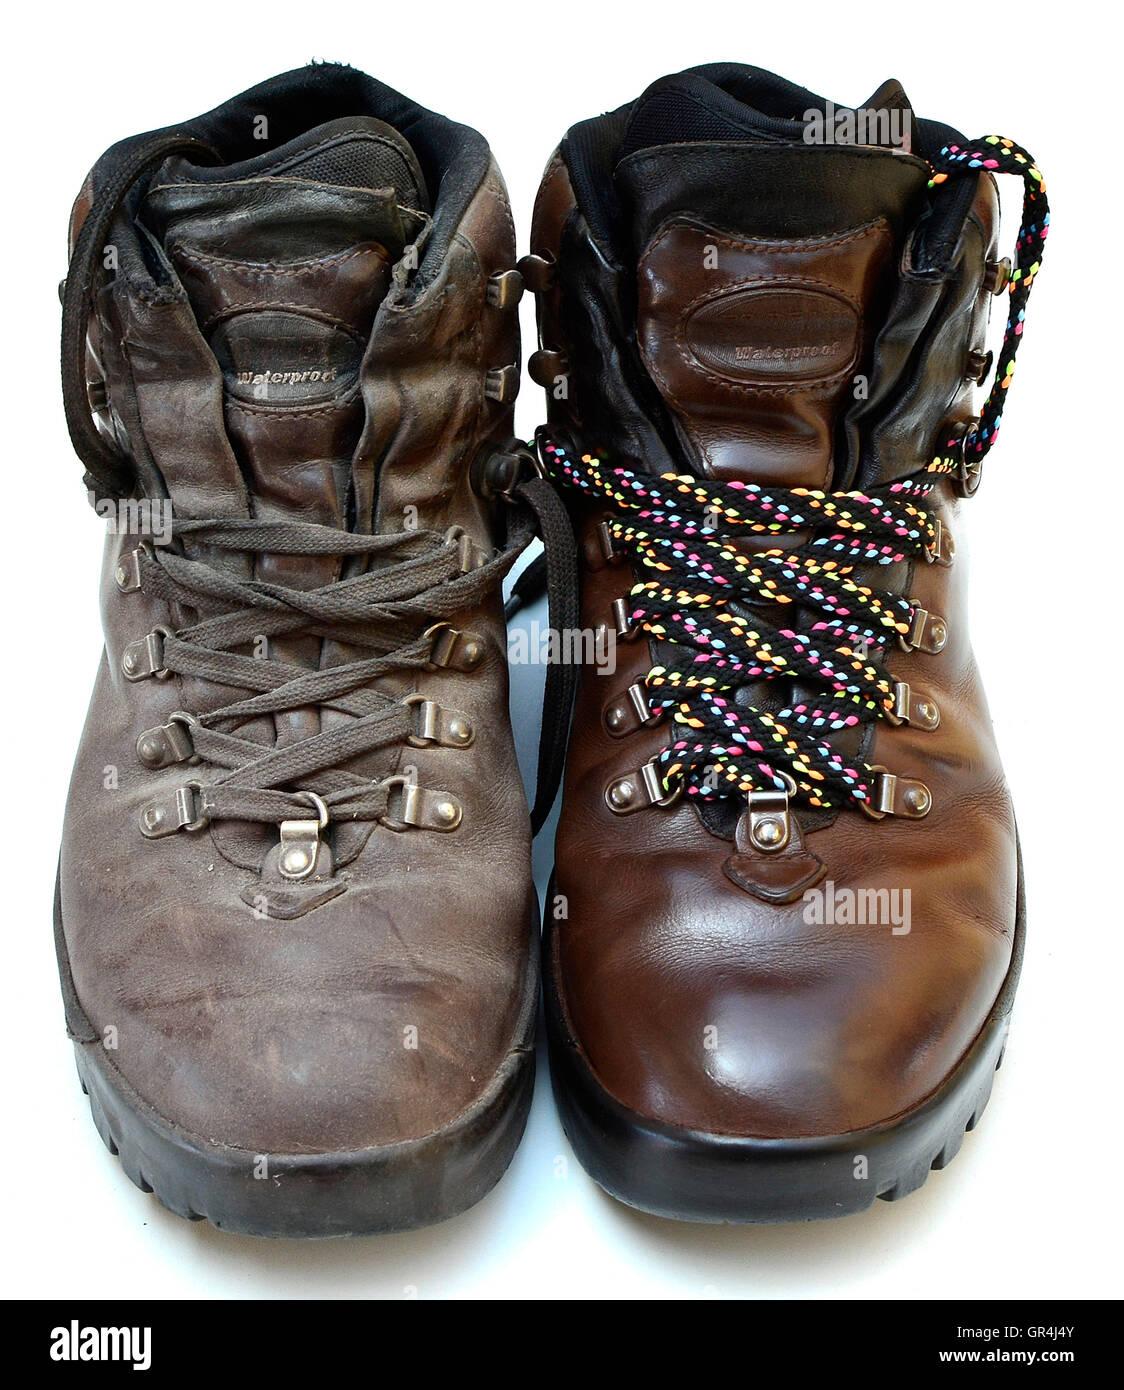 Makeover-Thema und Konzept. Alten schmutzigen Stiefel Vs poliert und machte über Boot mit neuen bunten Schnürsenkeln. Stockbild